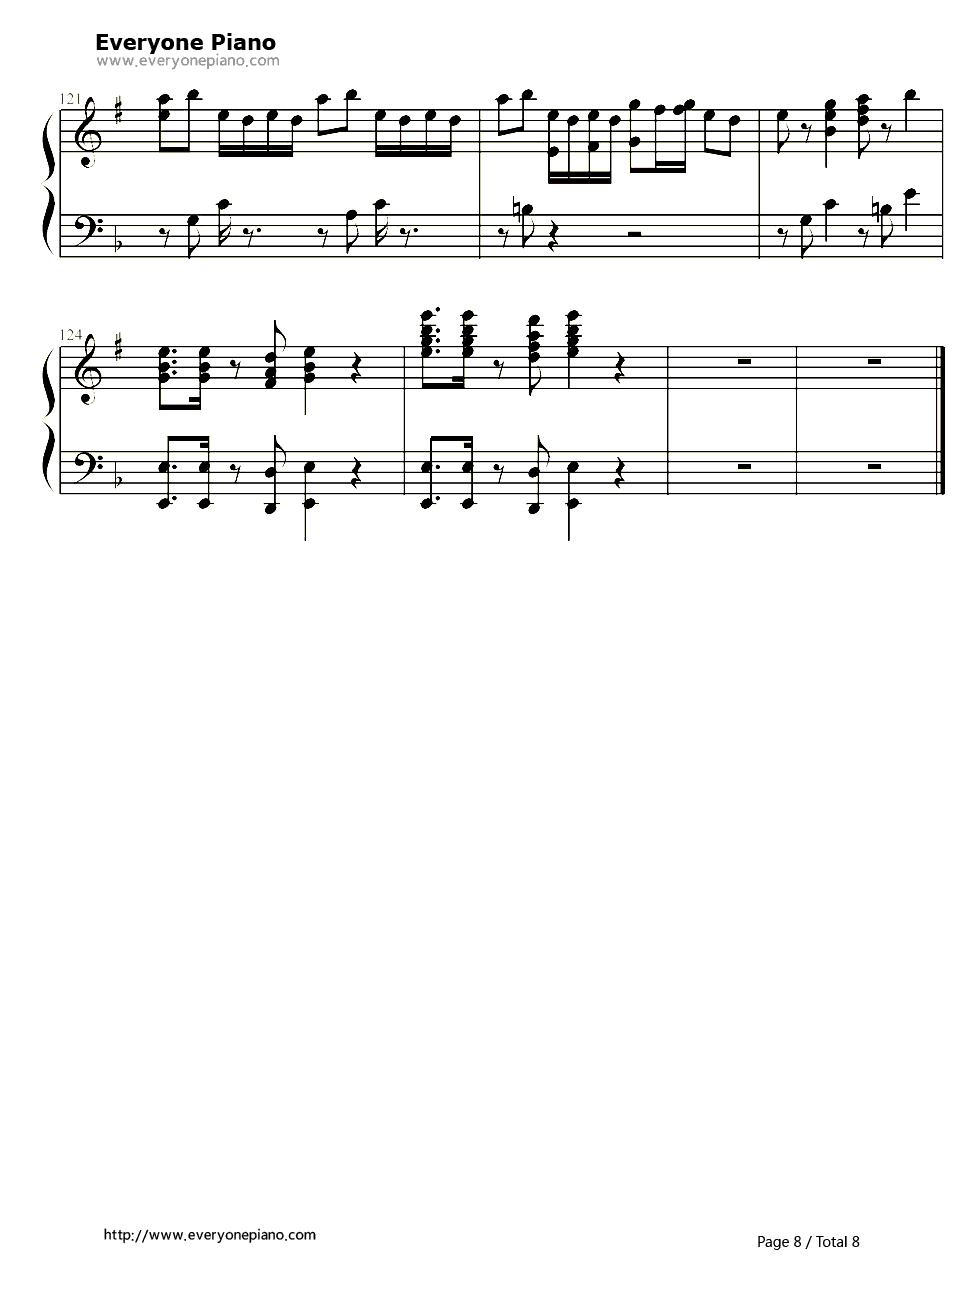 千本樱-慢速版-初音ミク五线谱预览8图片